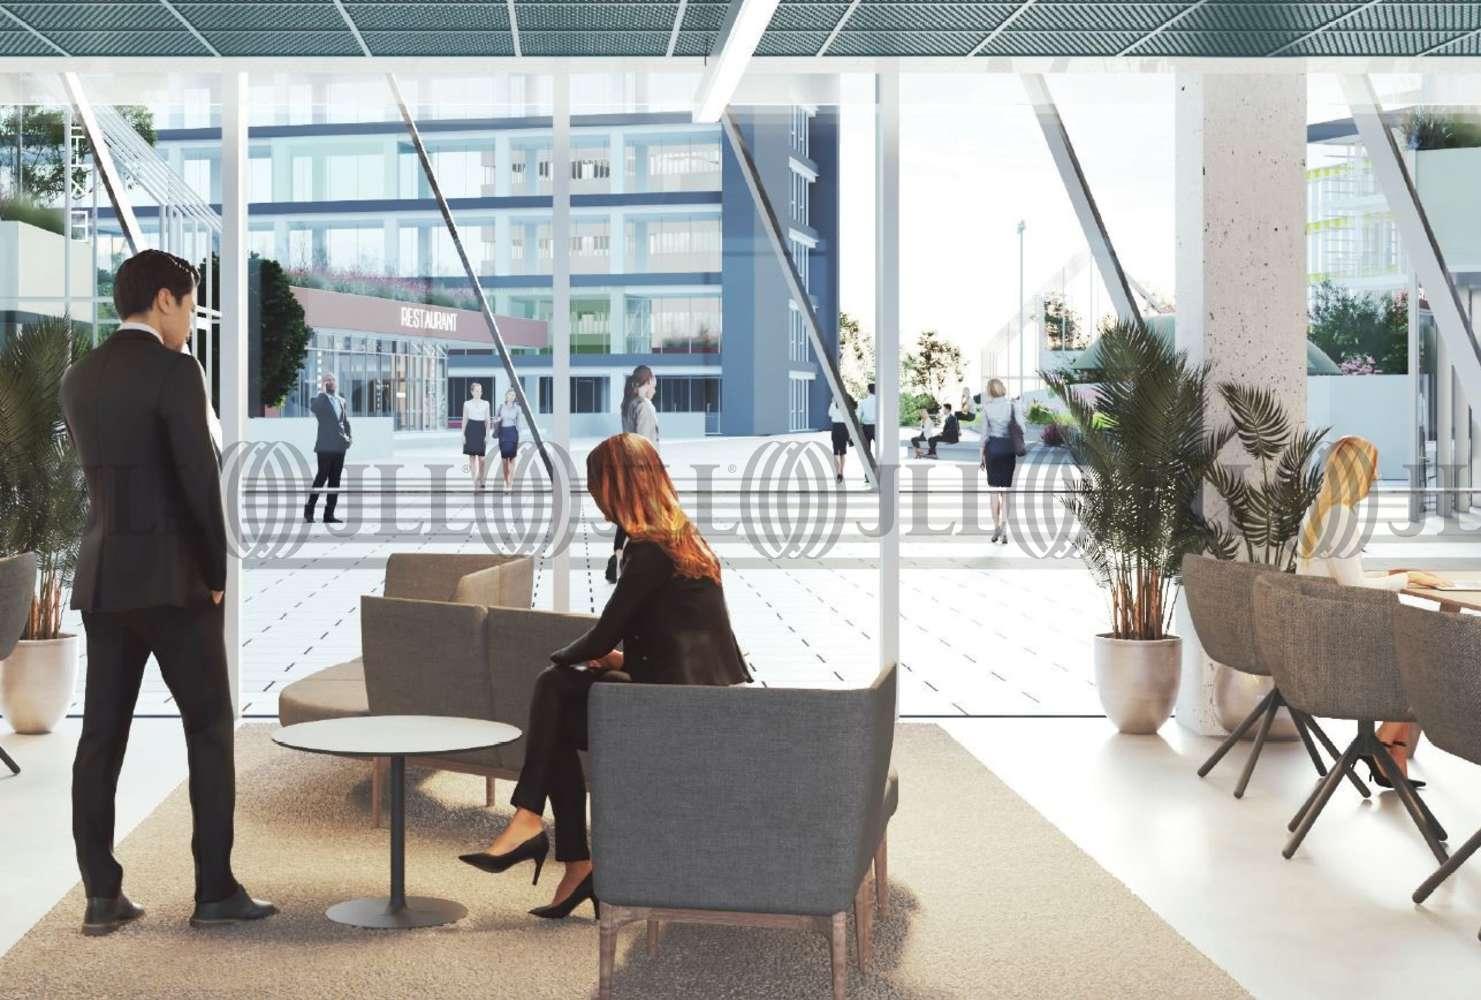 Ufficio San felice, segrate (mi), 20090 - Segreen New Project